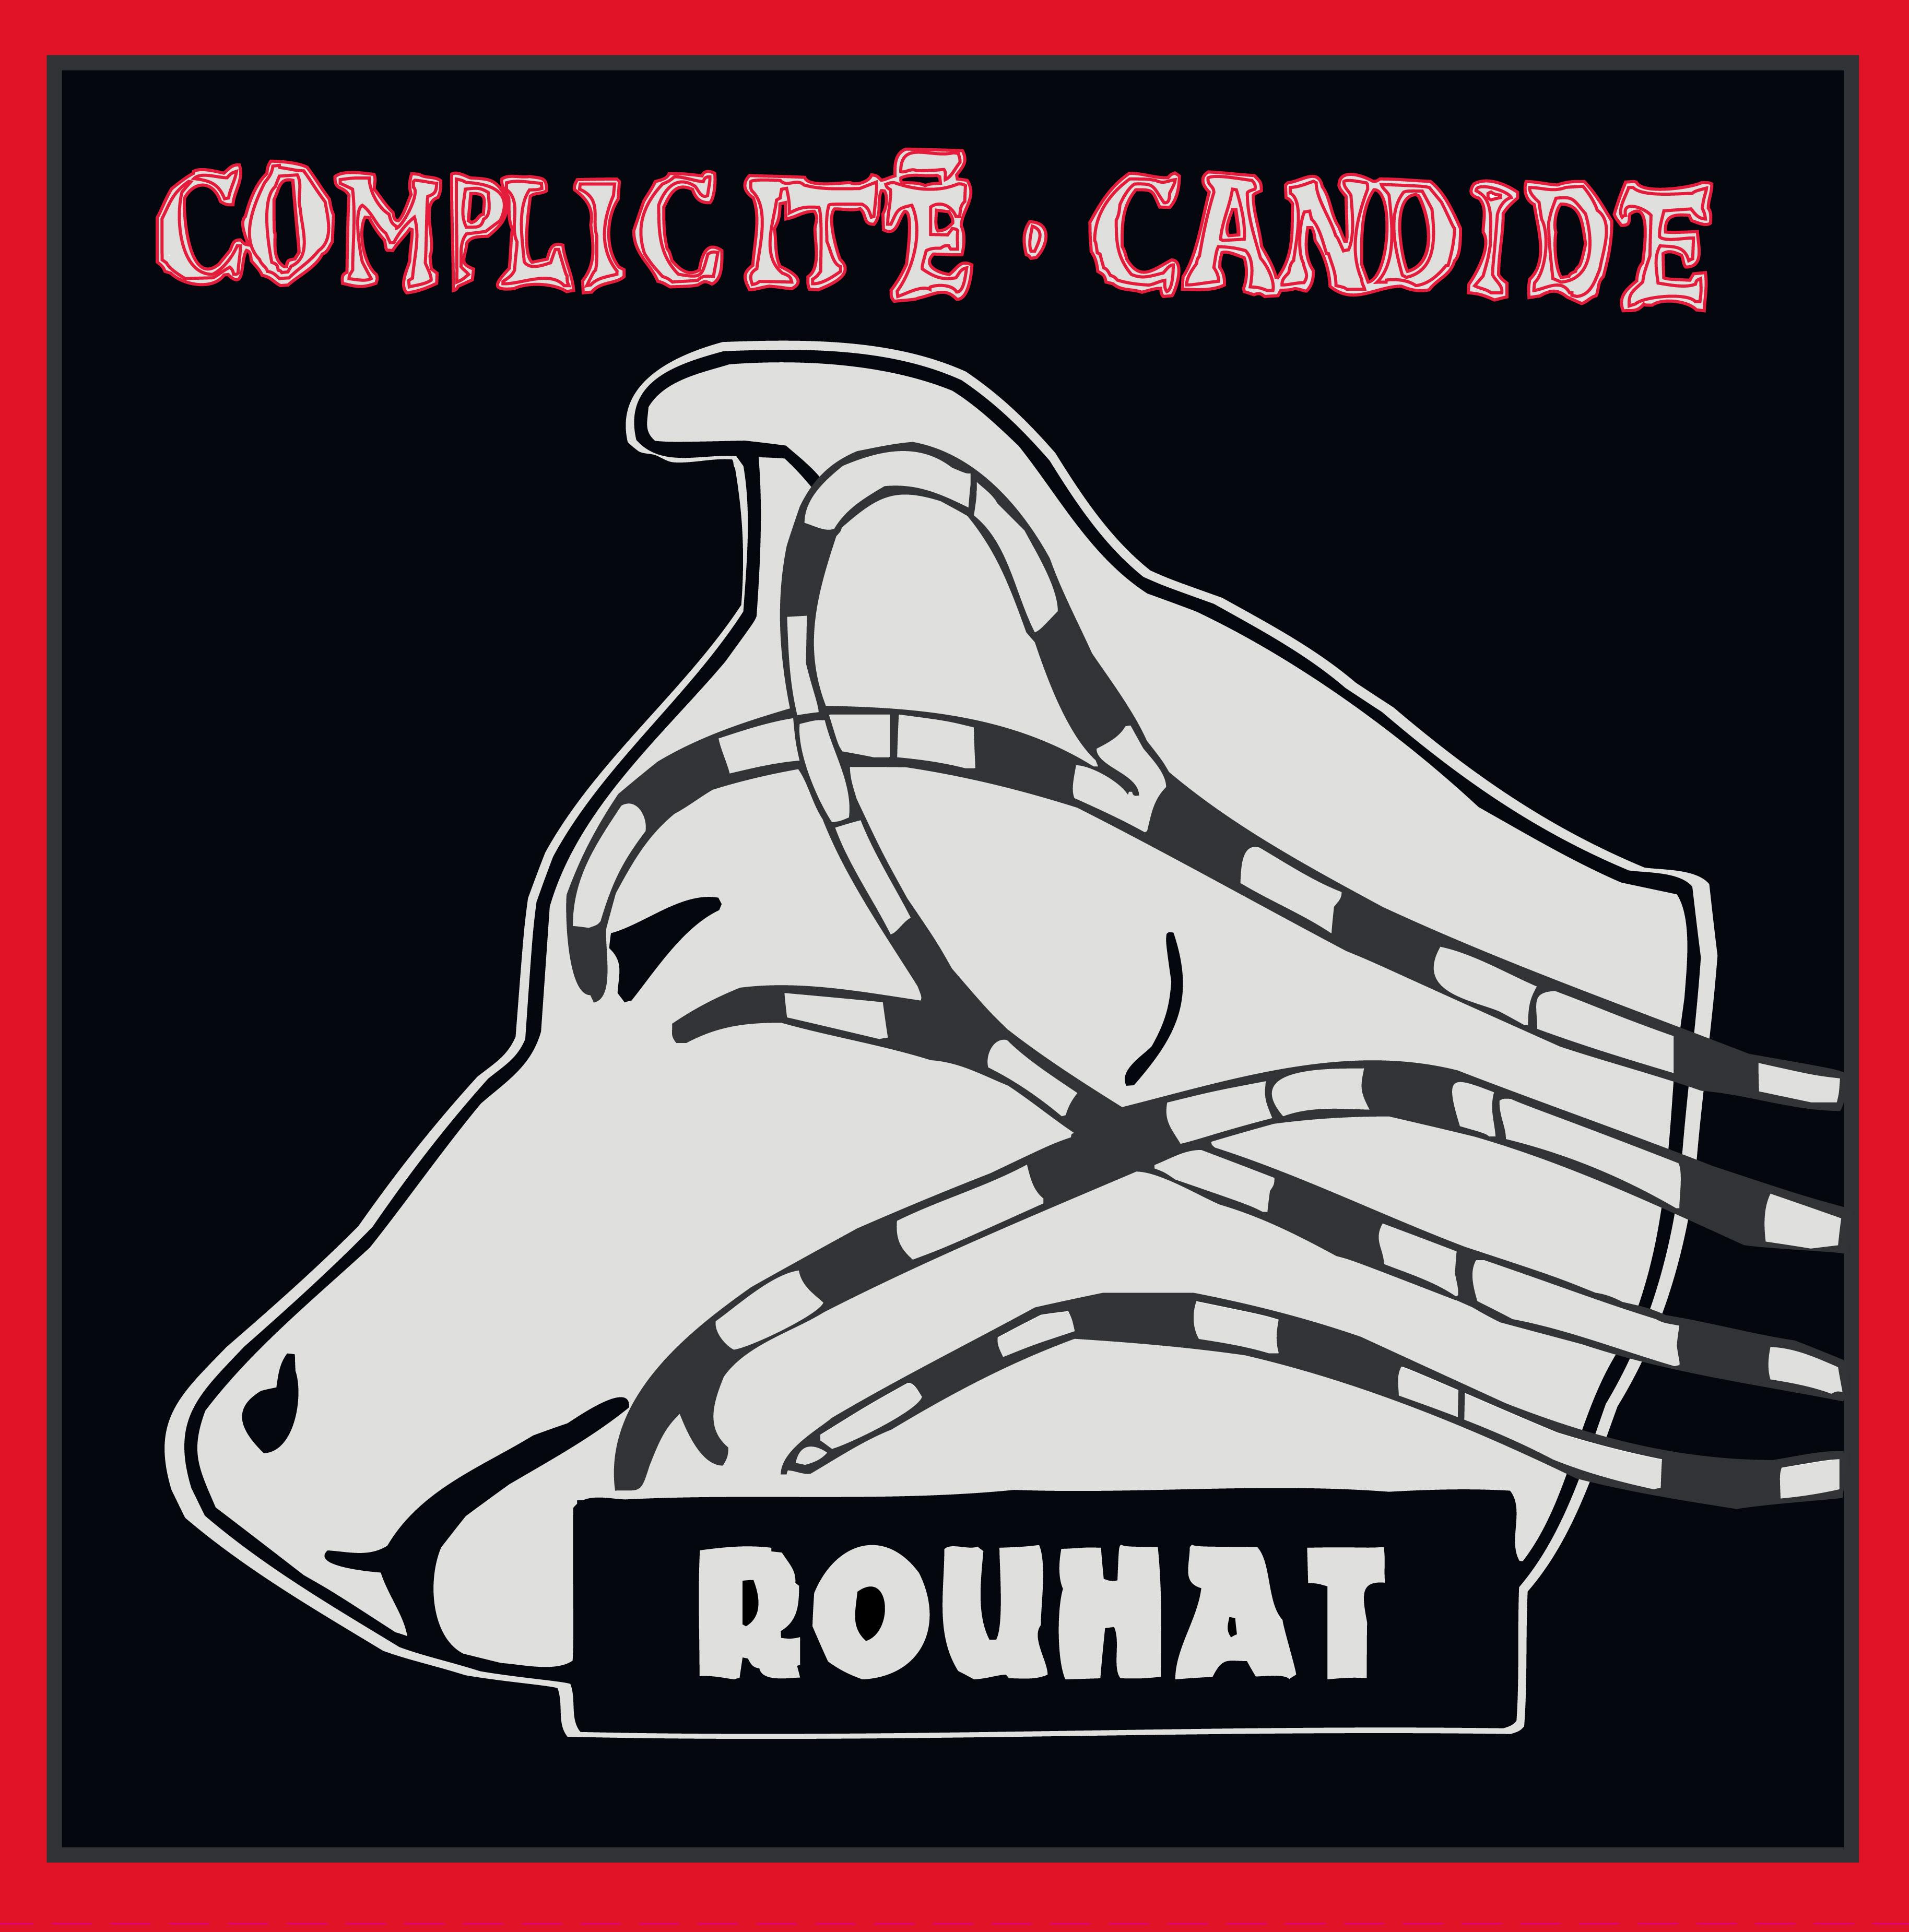 Complicité Candide – Rouhat